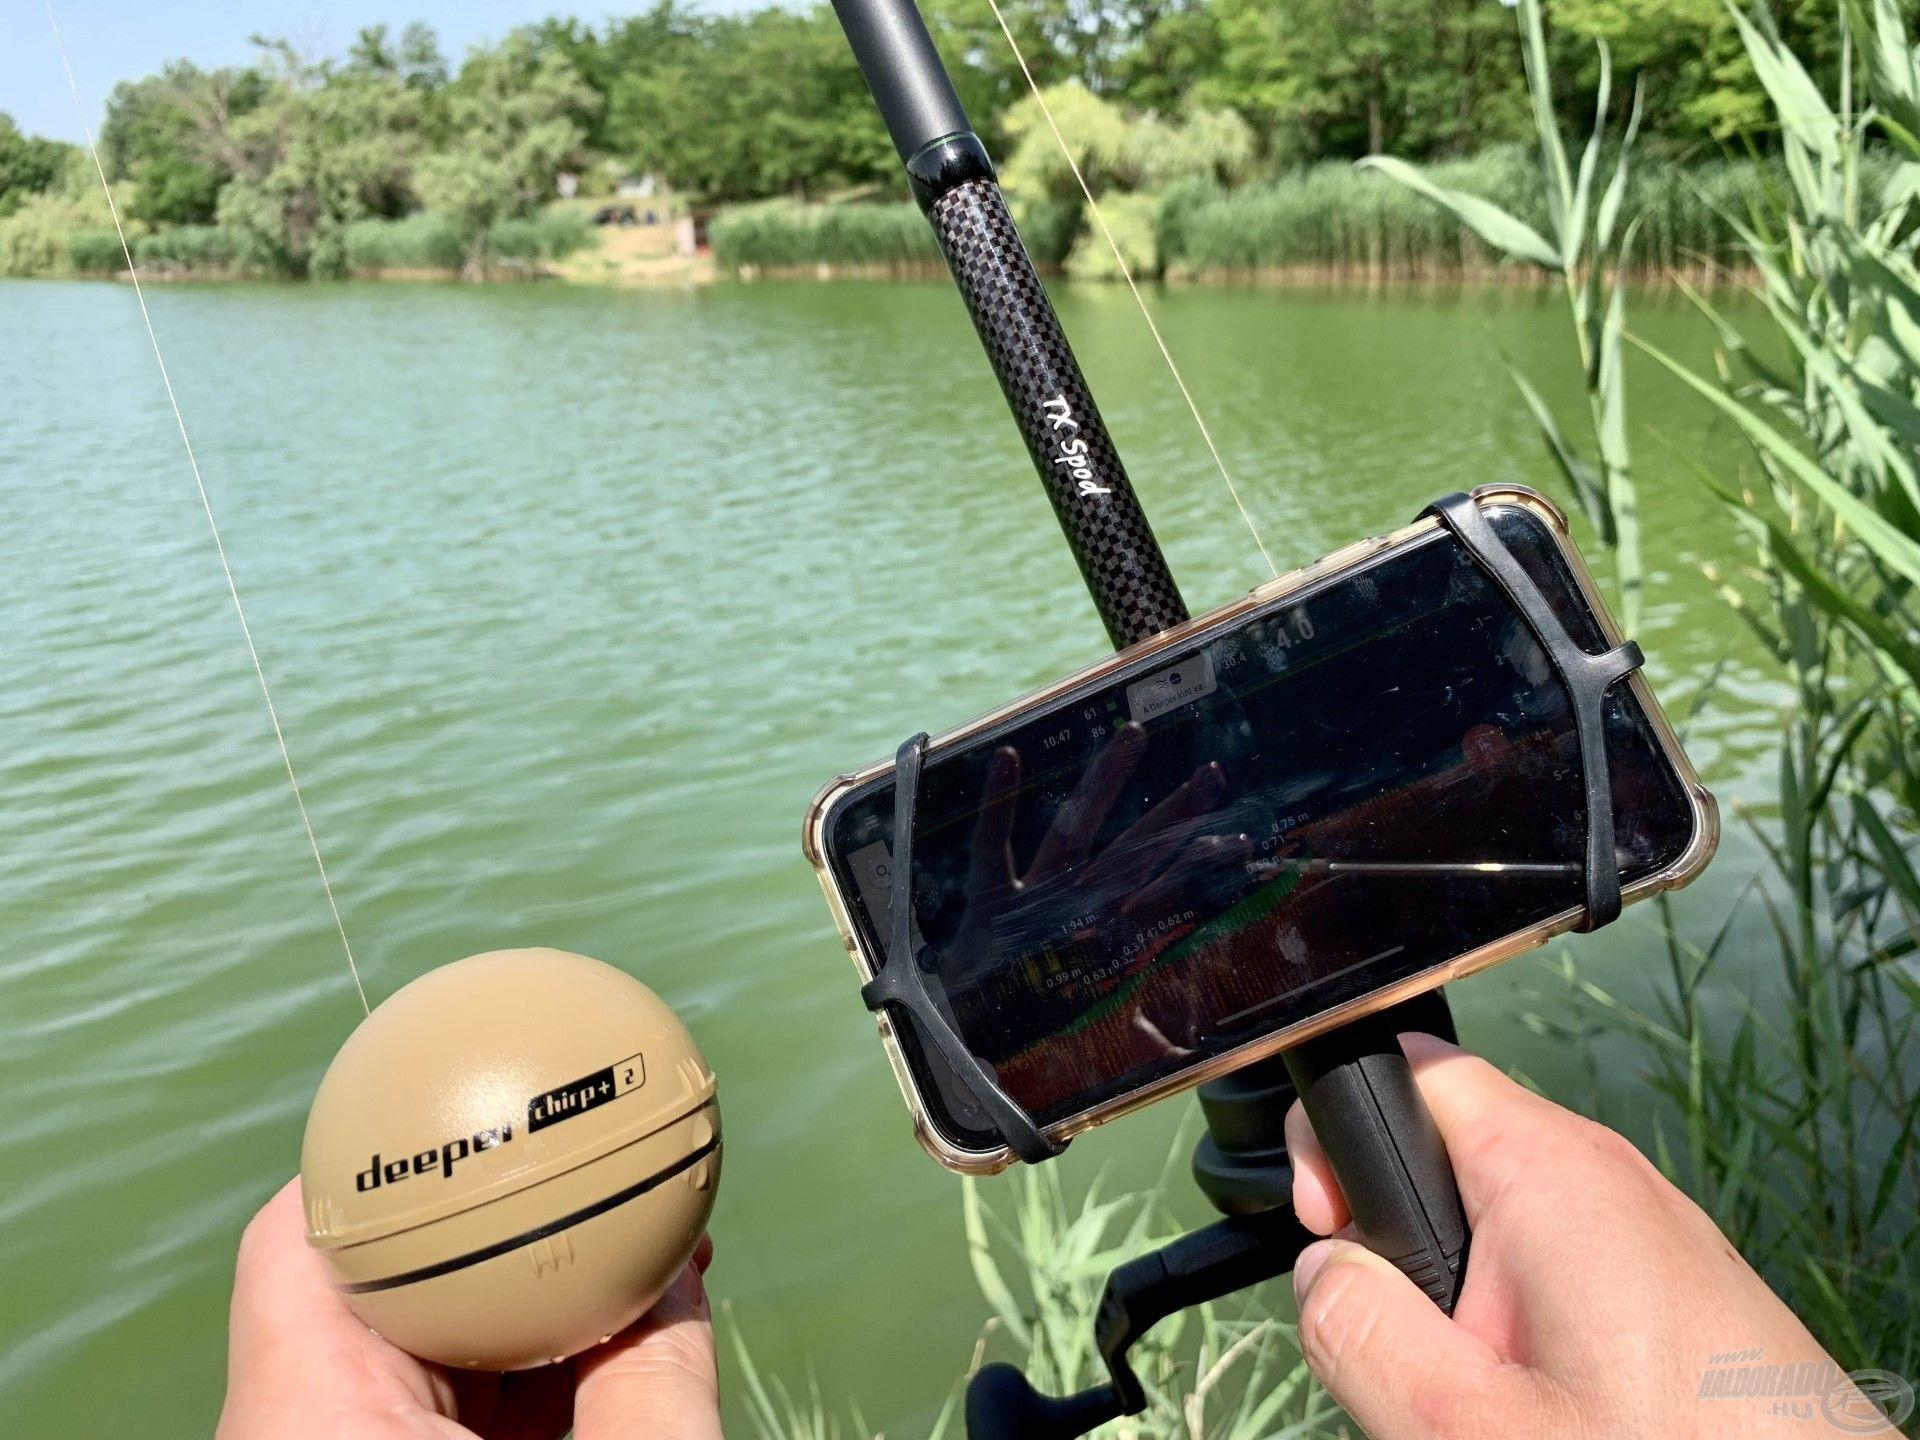 Ehhez szükség van egy kellően erős felszerelésre, egy okostelefonra és a Deeper Chirp+ 2 okos halradarra